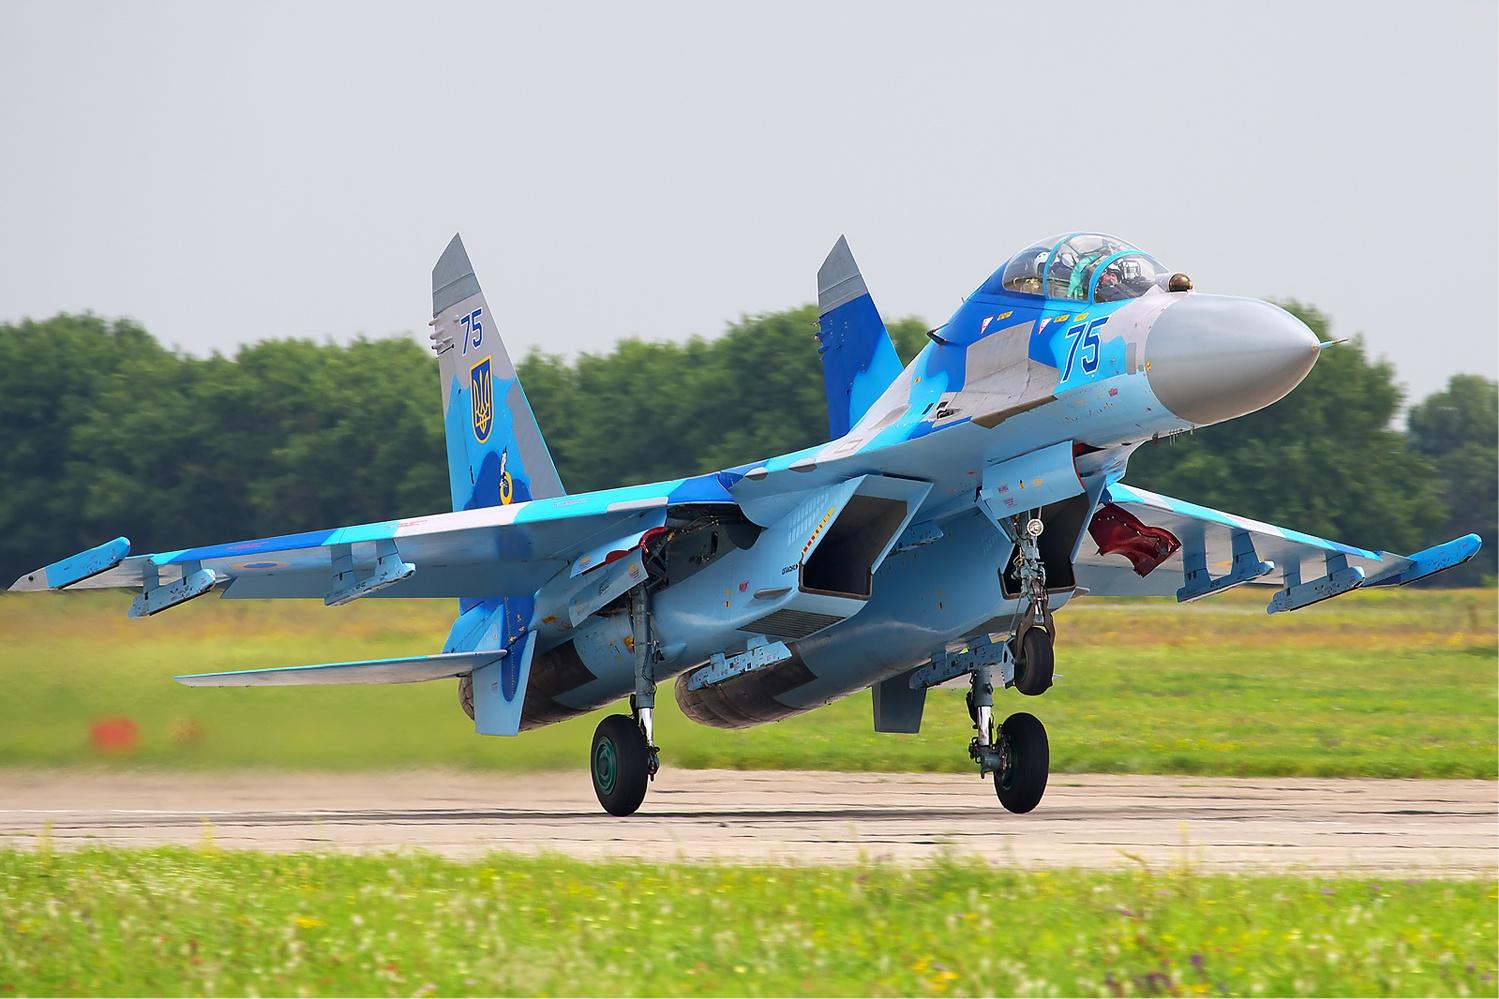 Video: Điểm danh 5 chiến đấu cơ nguy hiểm nhất của Nga trên báo Mỹ 1